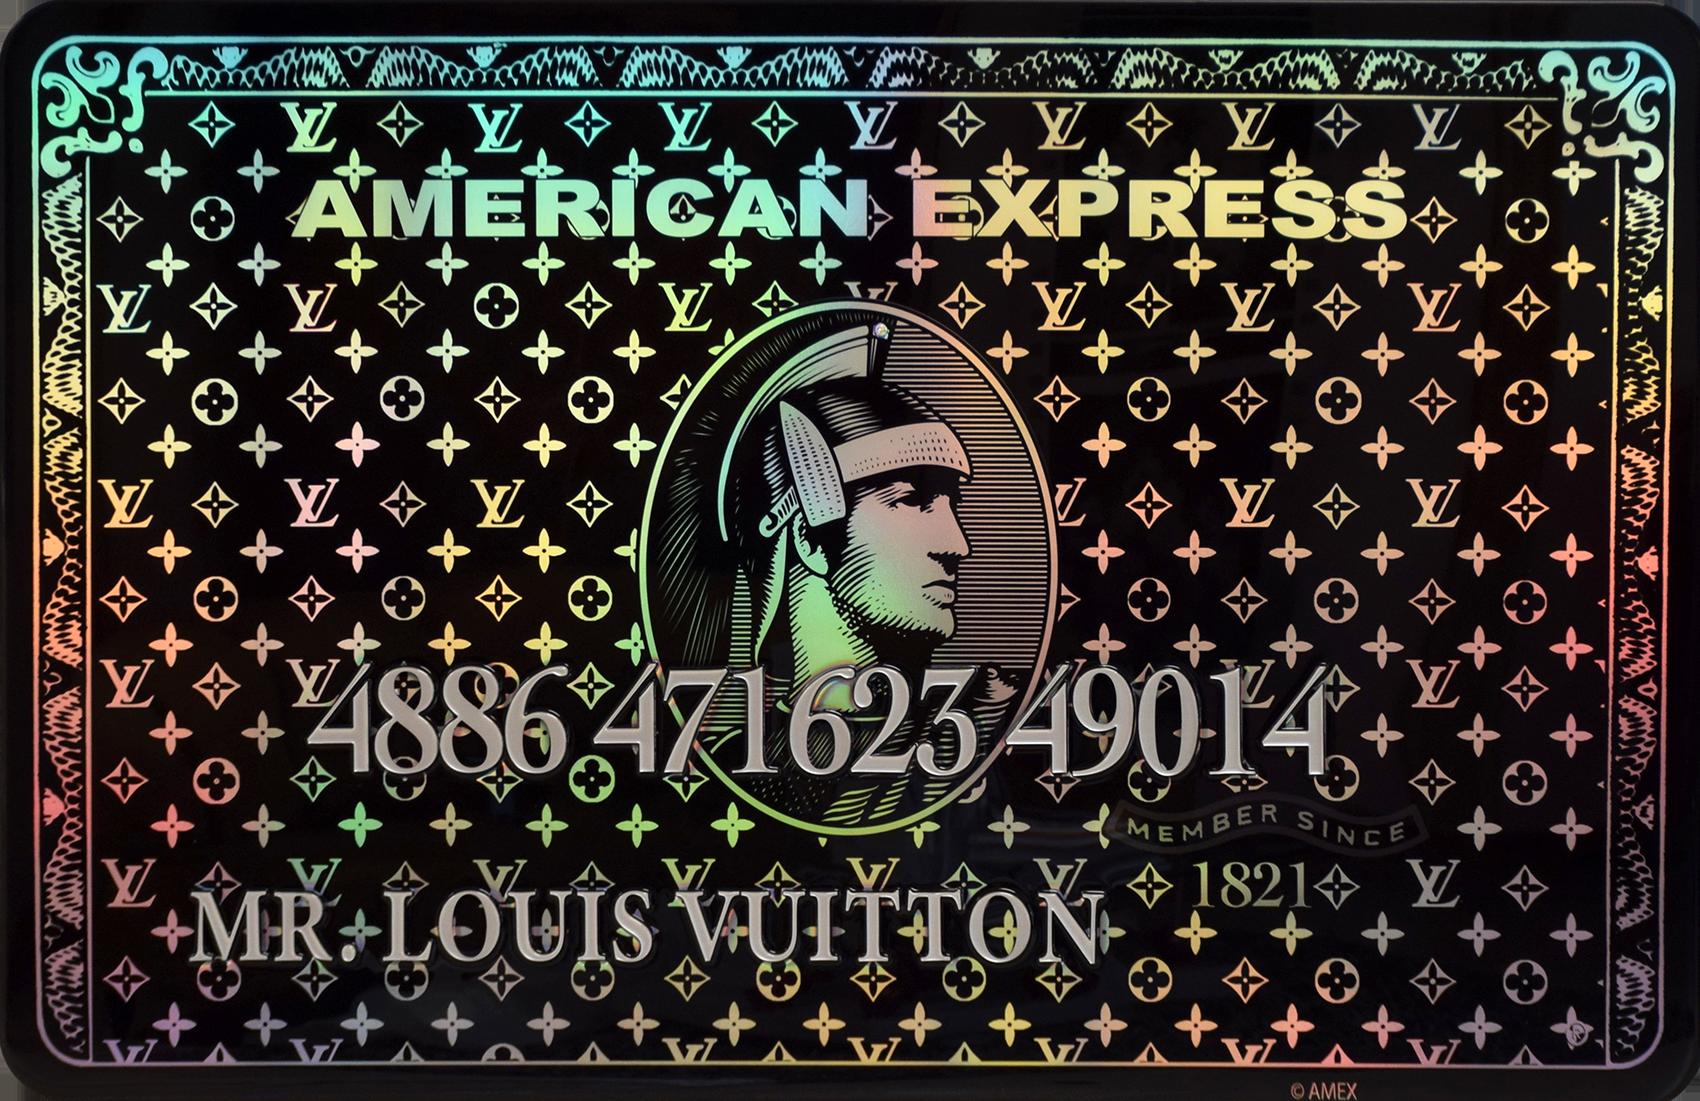 Diederik - AMEX (Mr. Louis Vuitton, Black) , 4504-016-261